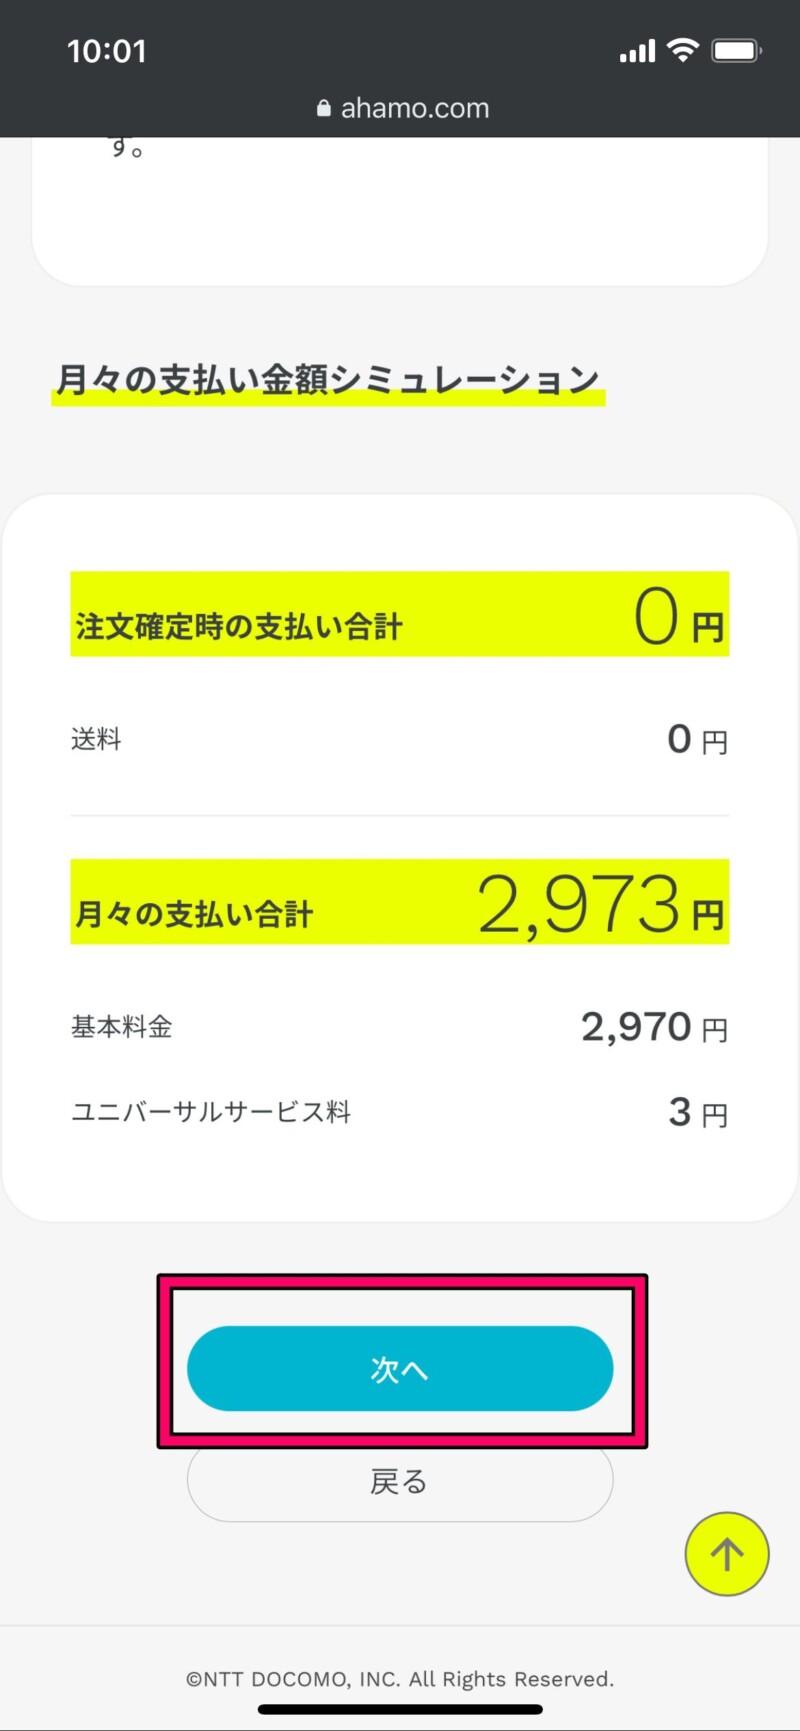 ahamo(アハモ)申し込みのやり方・手順03